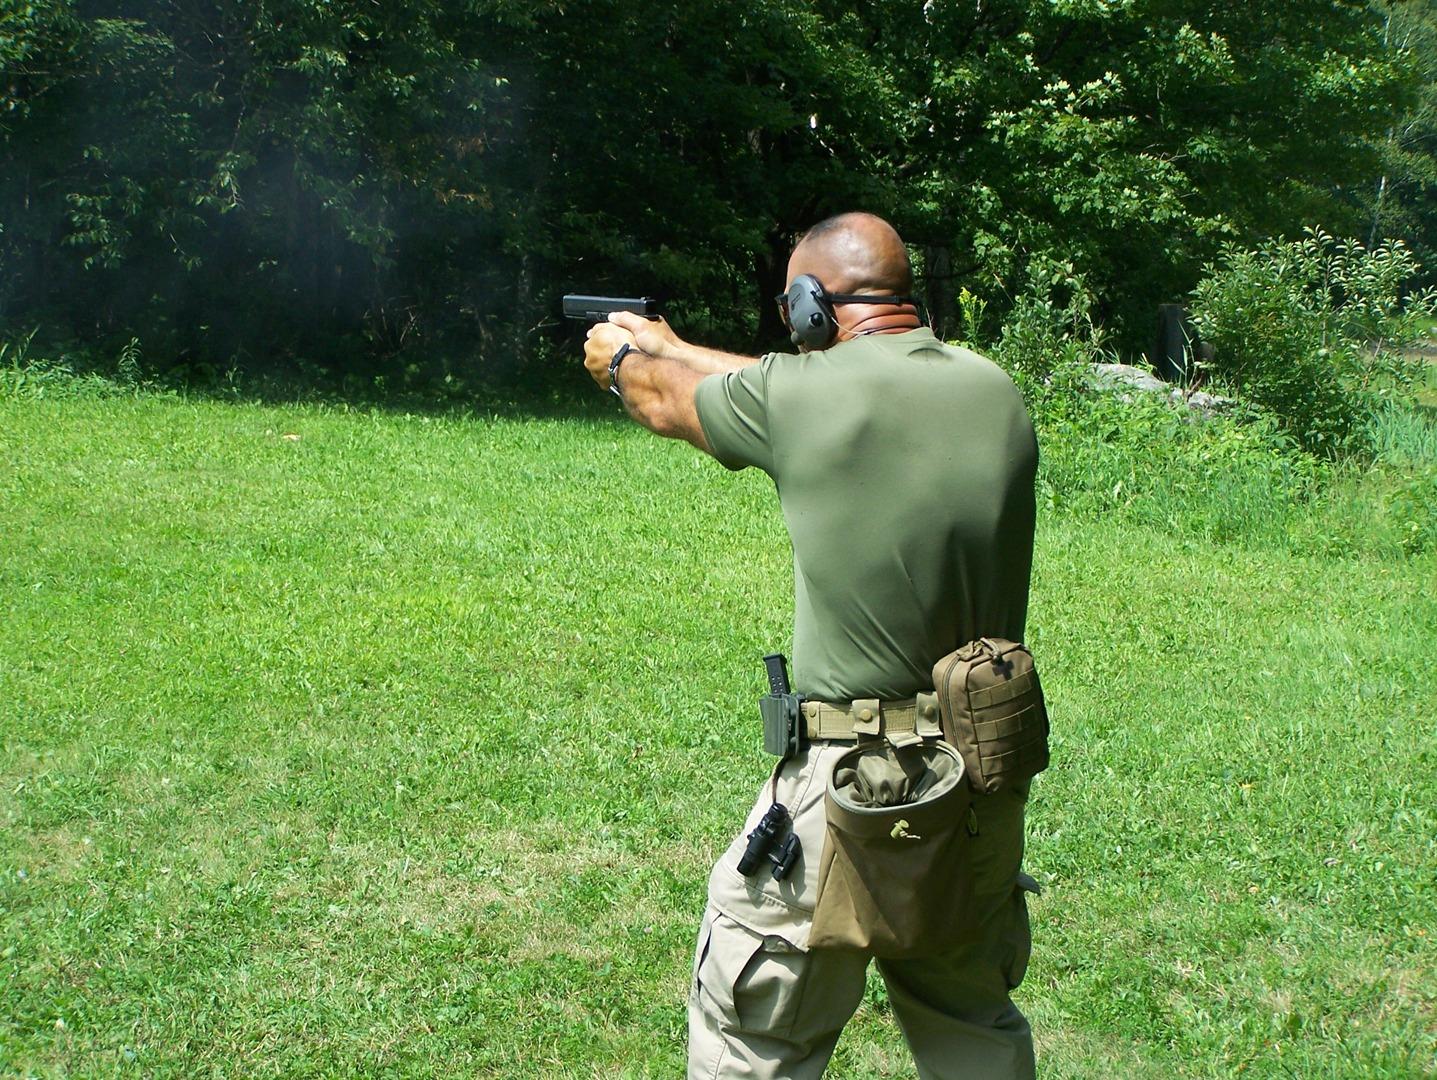 COMBAT PISTOL with Jake Pelletier / Raven Firearms Training